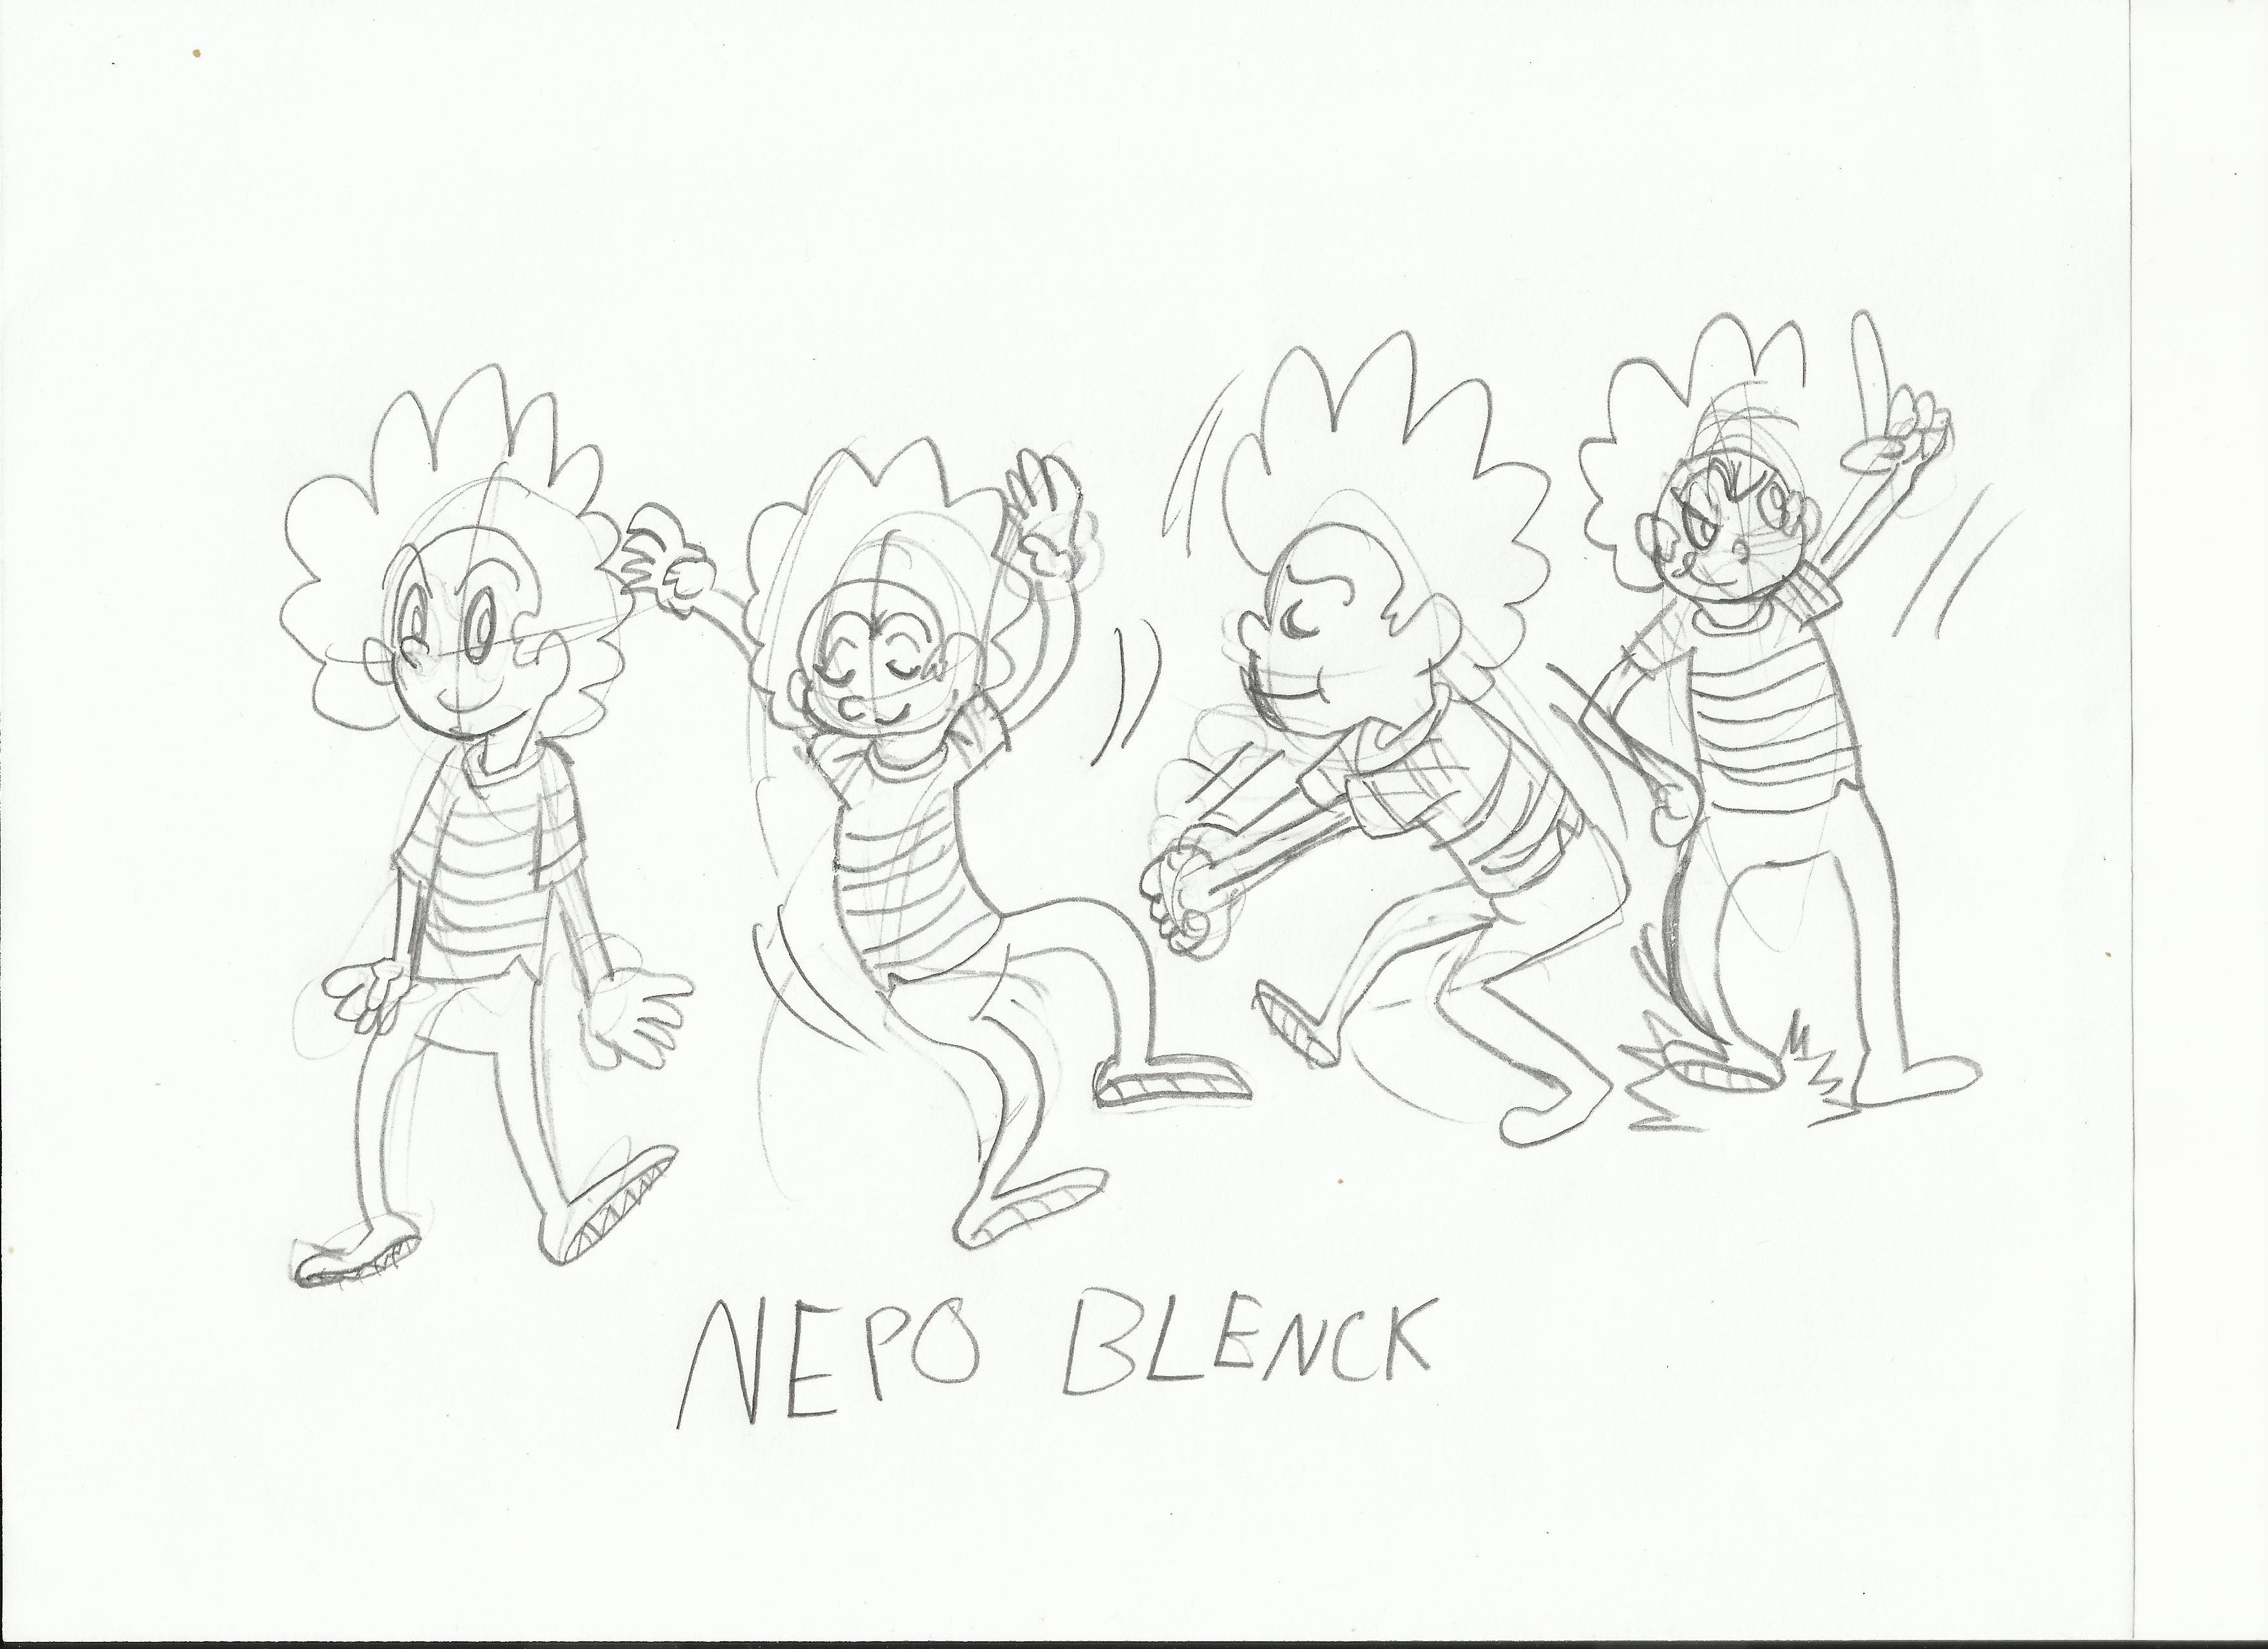 NEPO Concept art